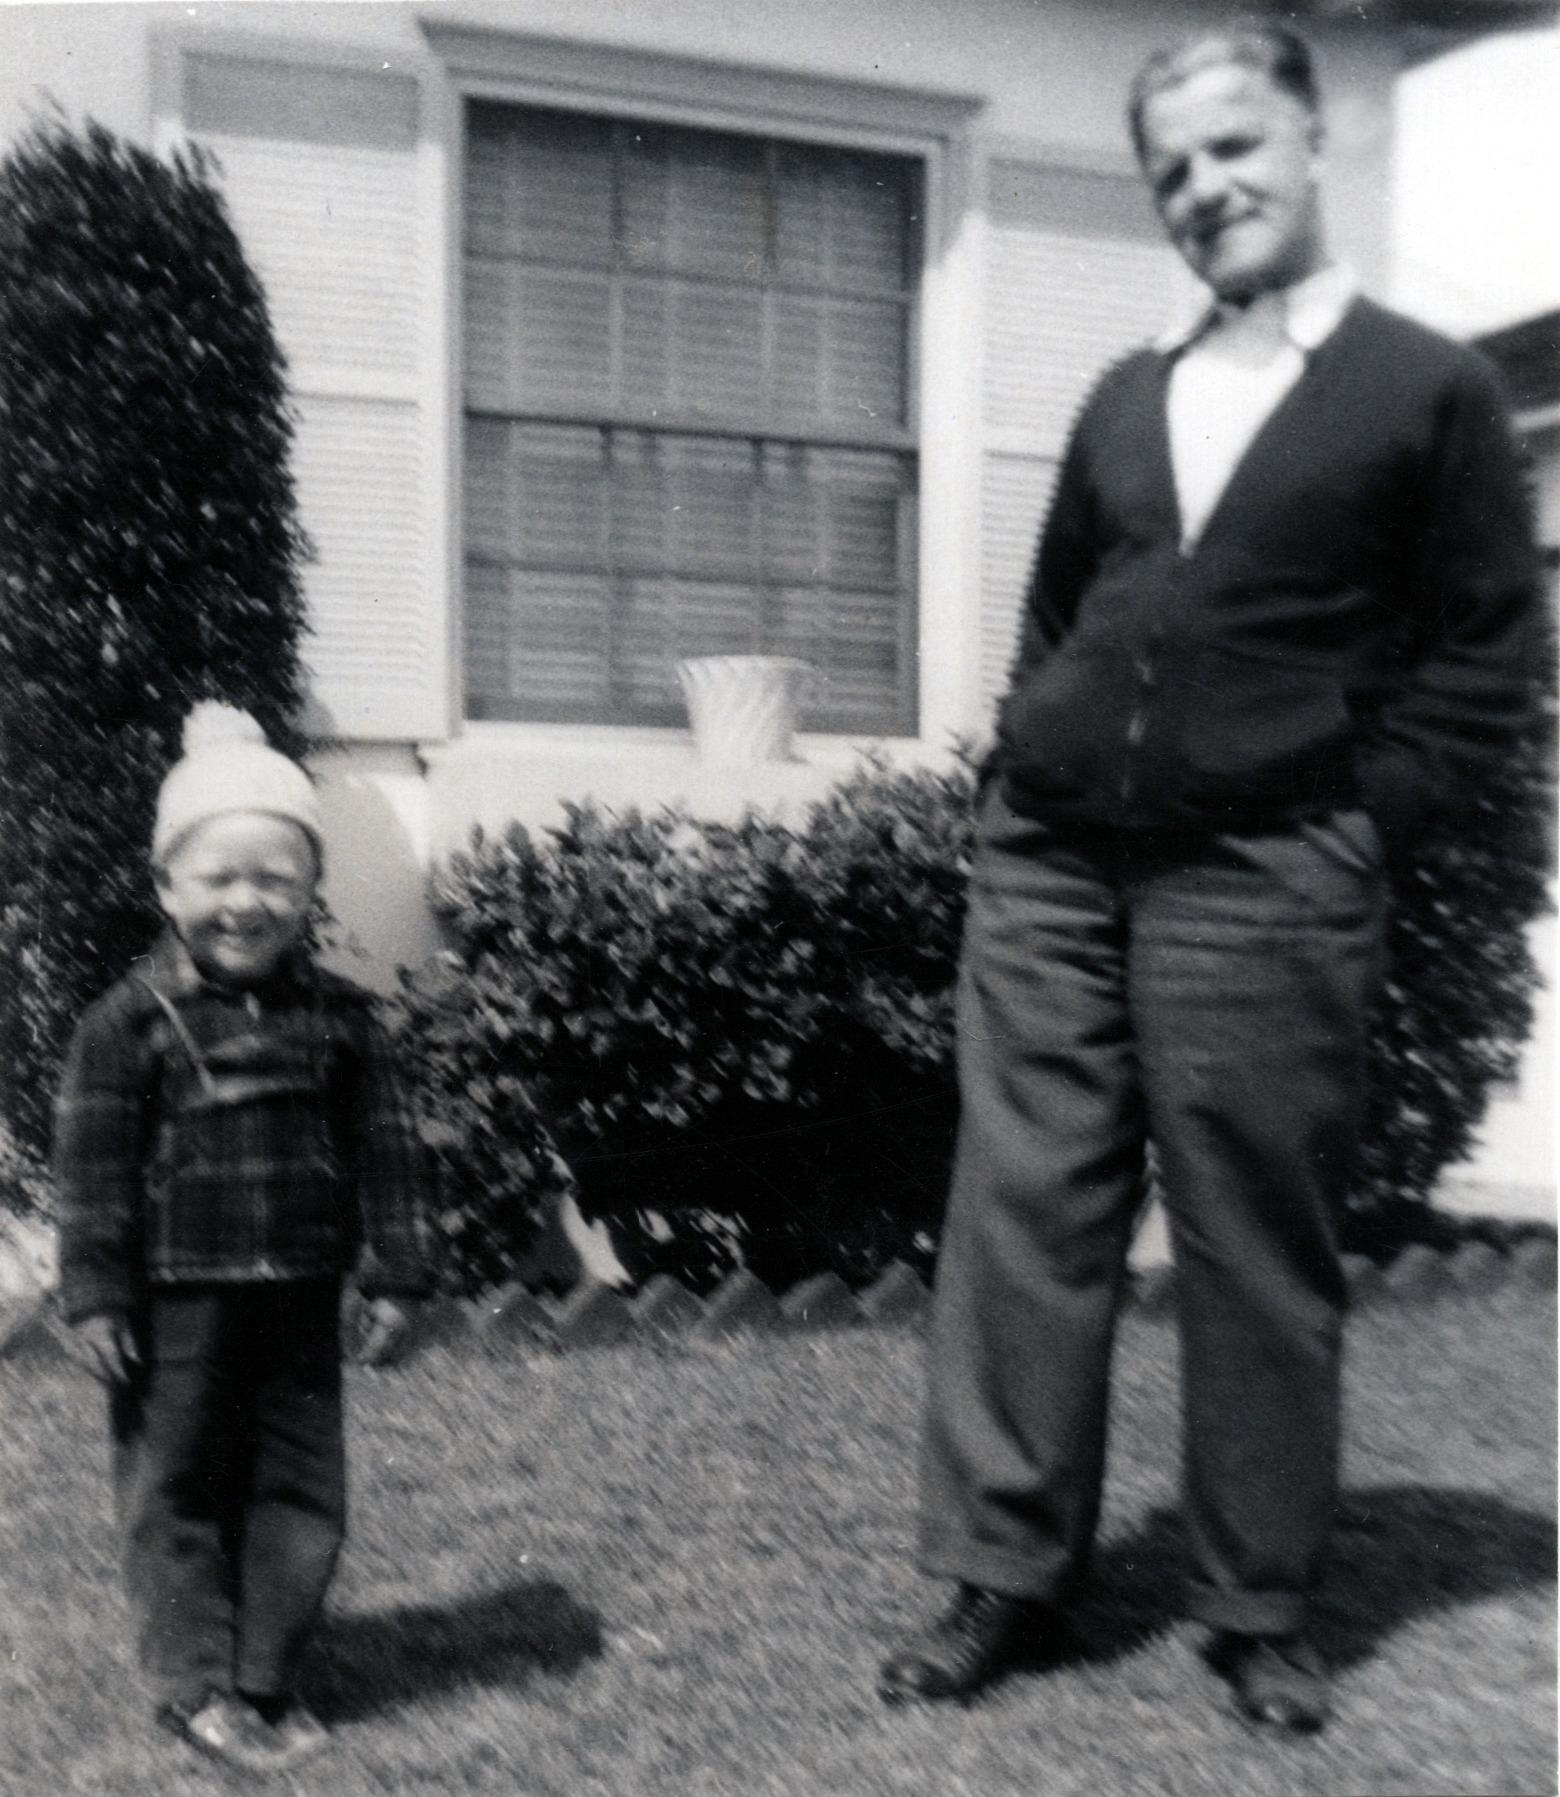 Frank McGrath & Duane